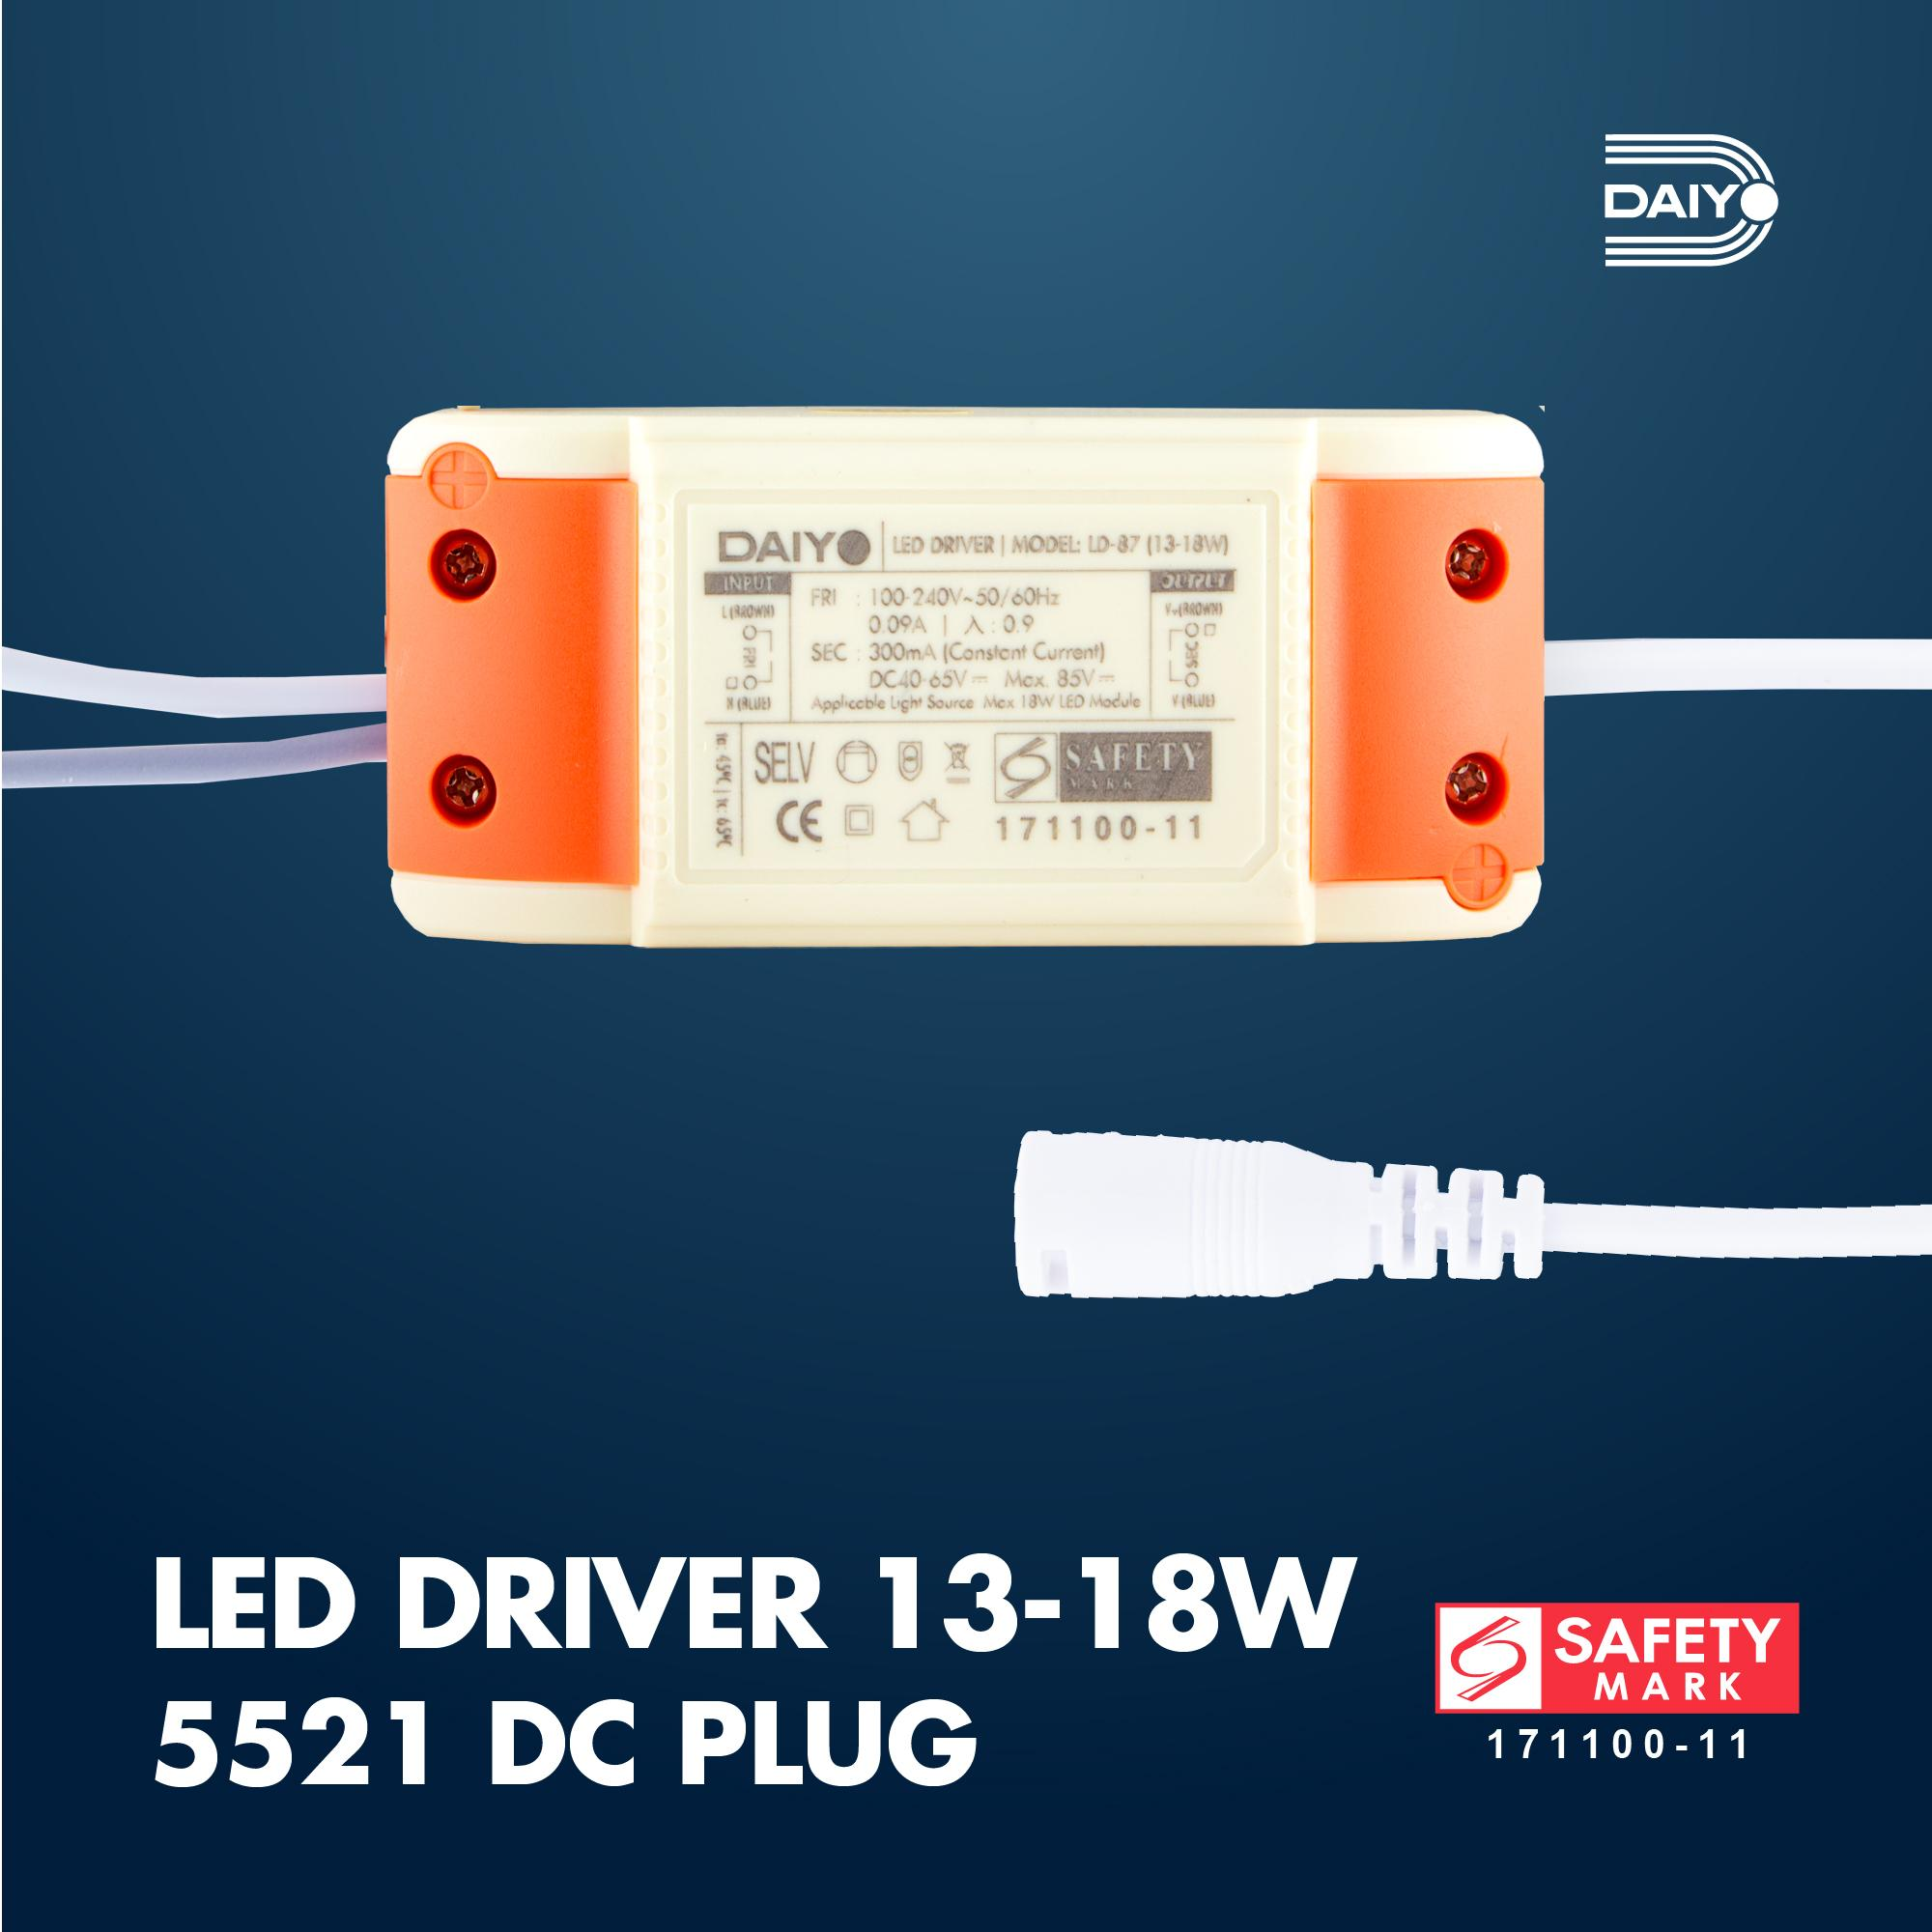 13-18W LED Driver / 5521 DC Plug 300mA